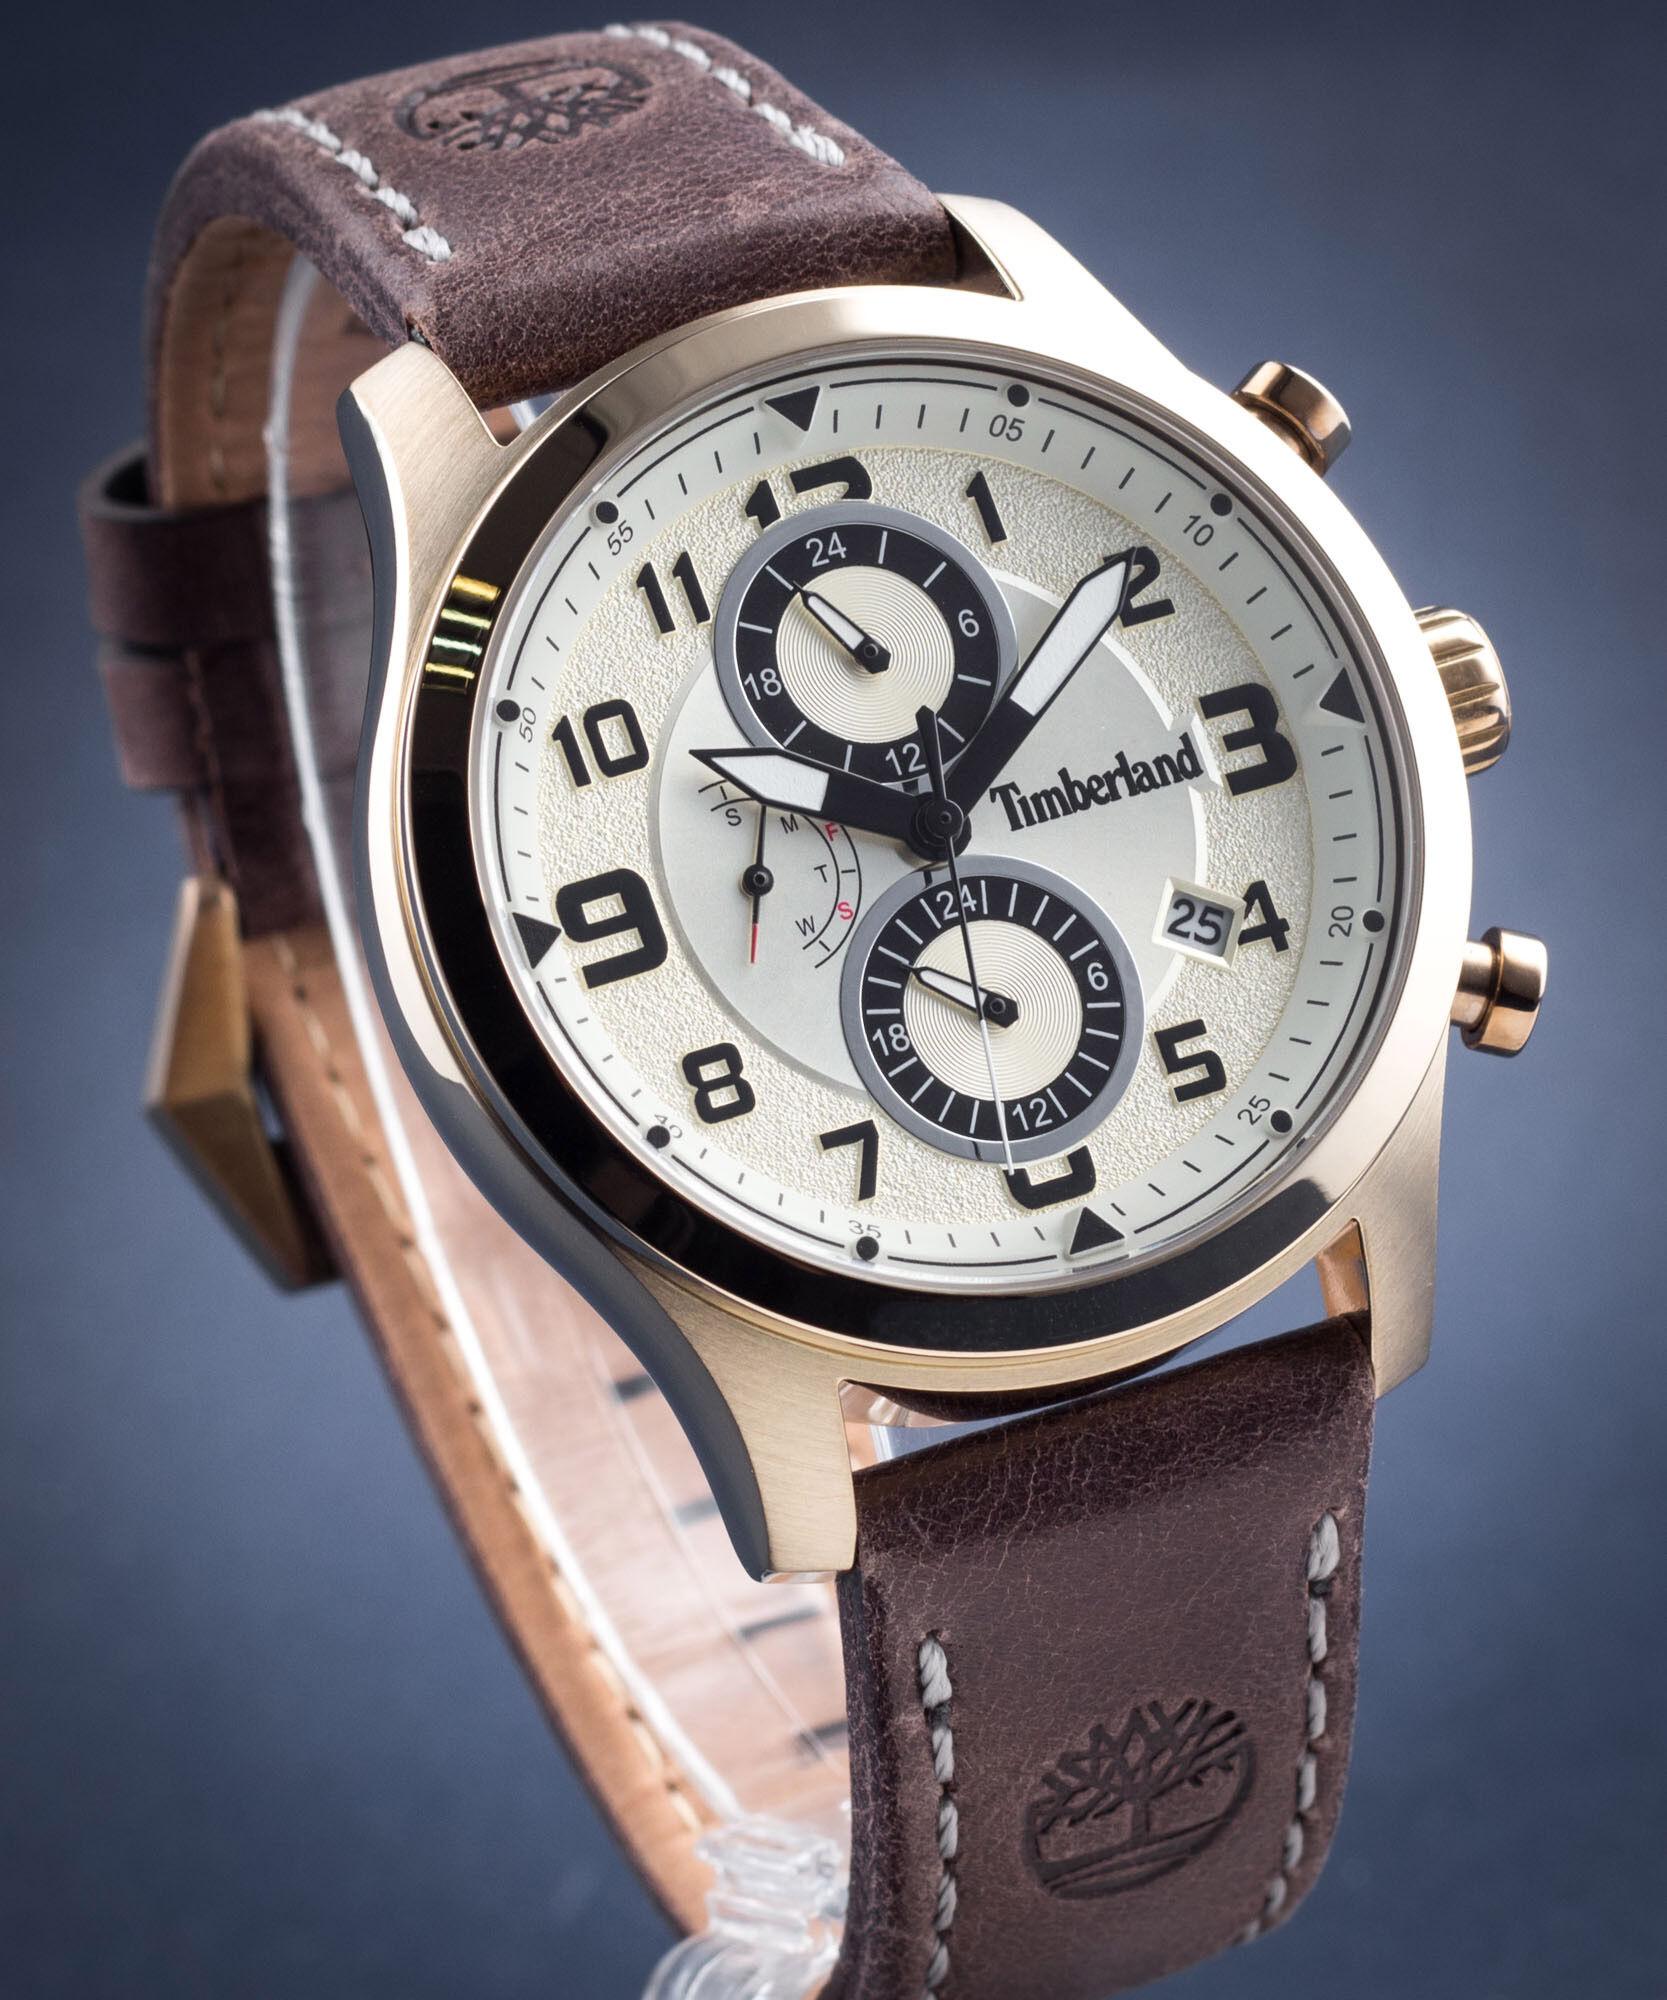 Zegarek męski Timberland Groveton